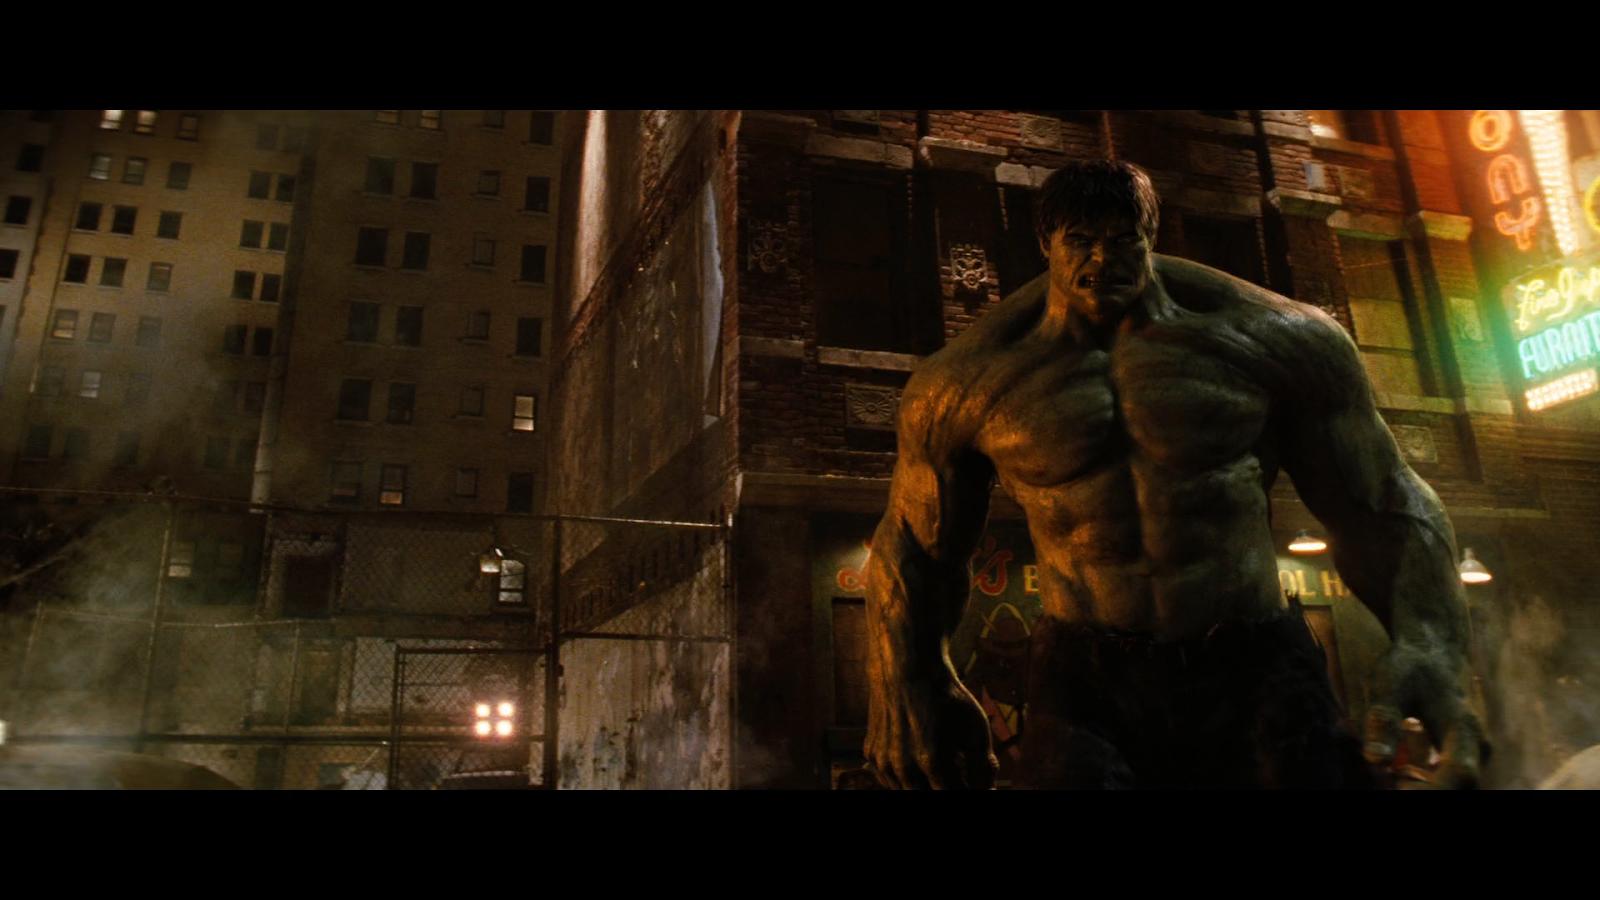 Hulk: El hombre increíble (2008) BRRip Full HD 1080p Latino-Ingles captura 4